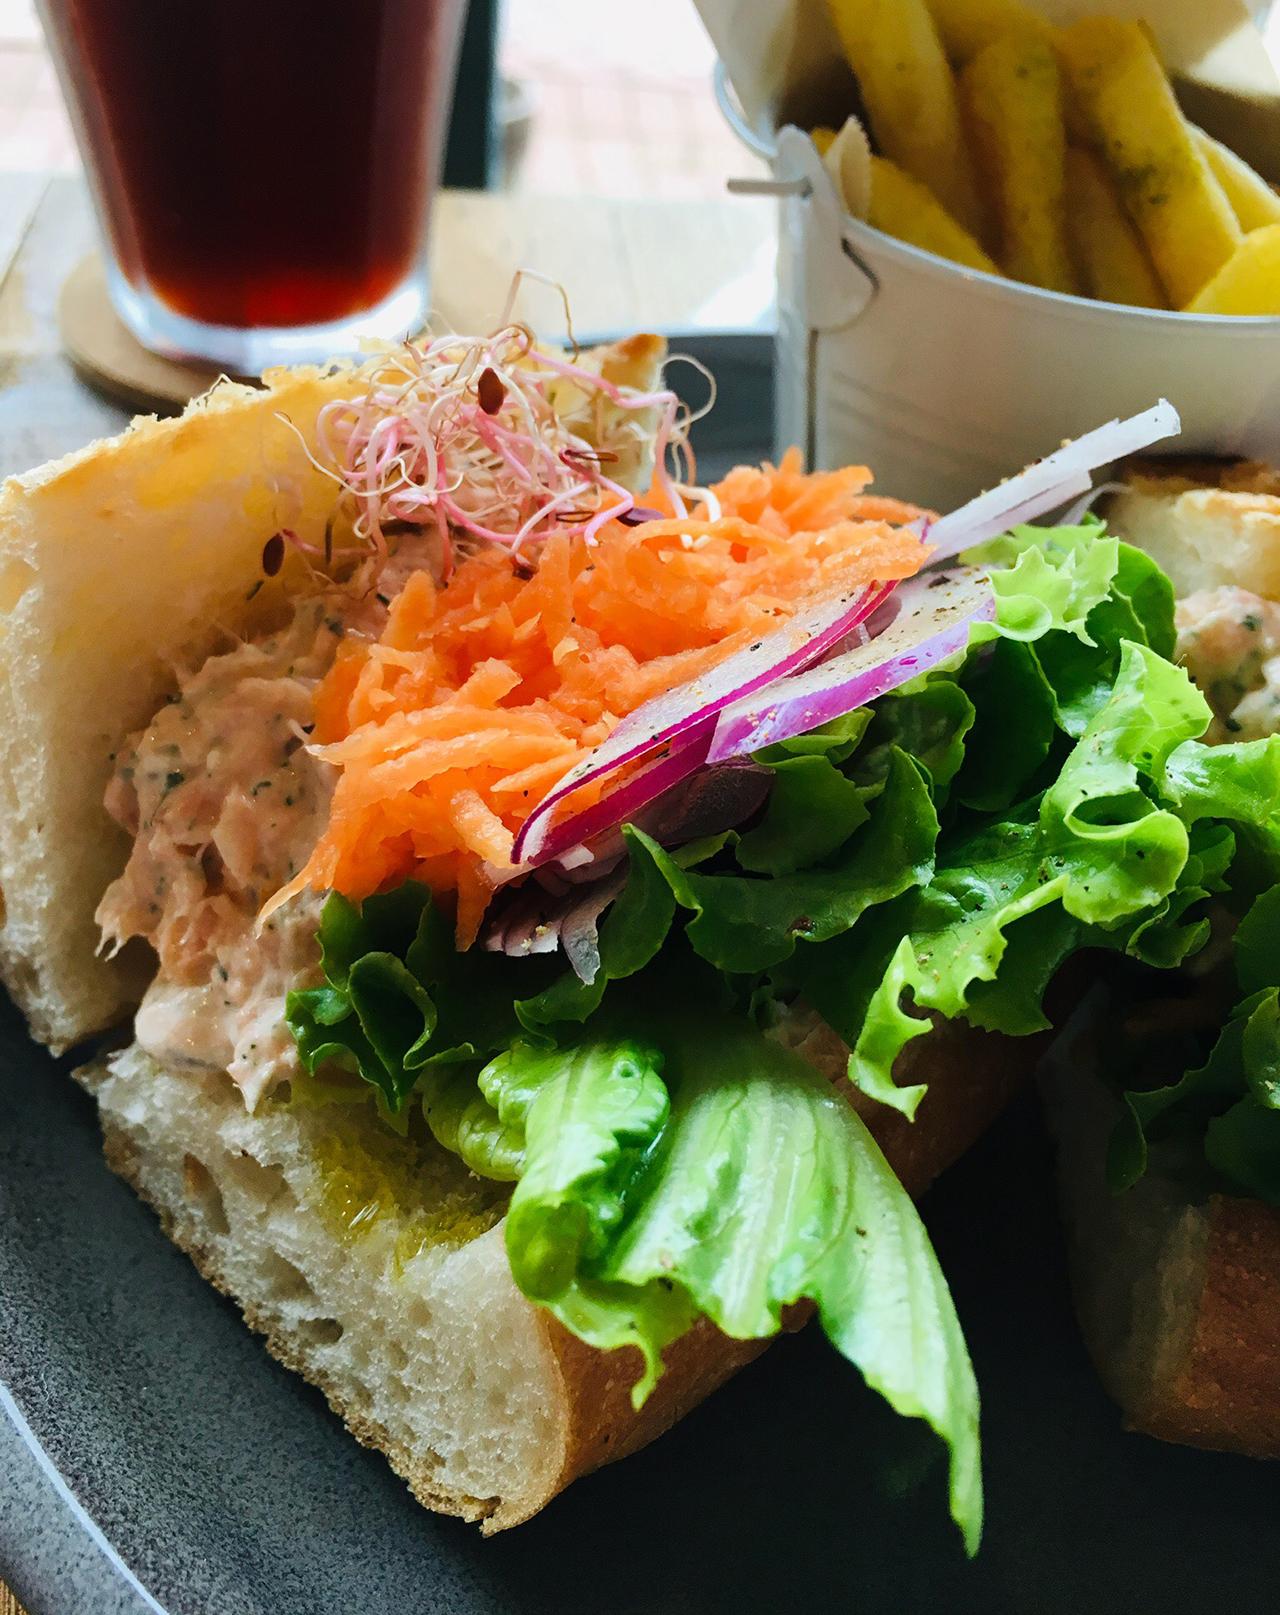 サンドイッチのアップ写真